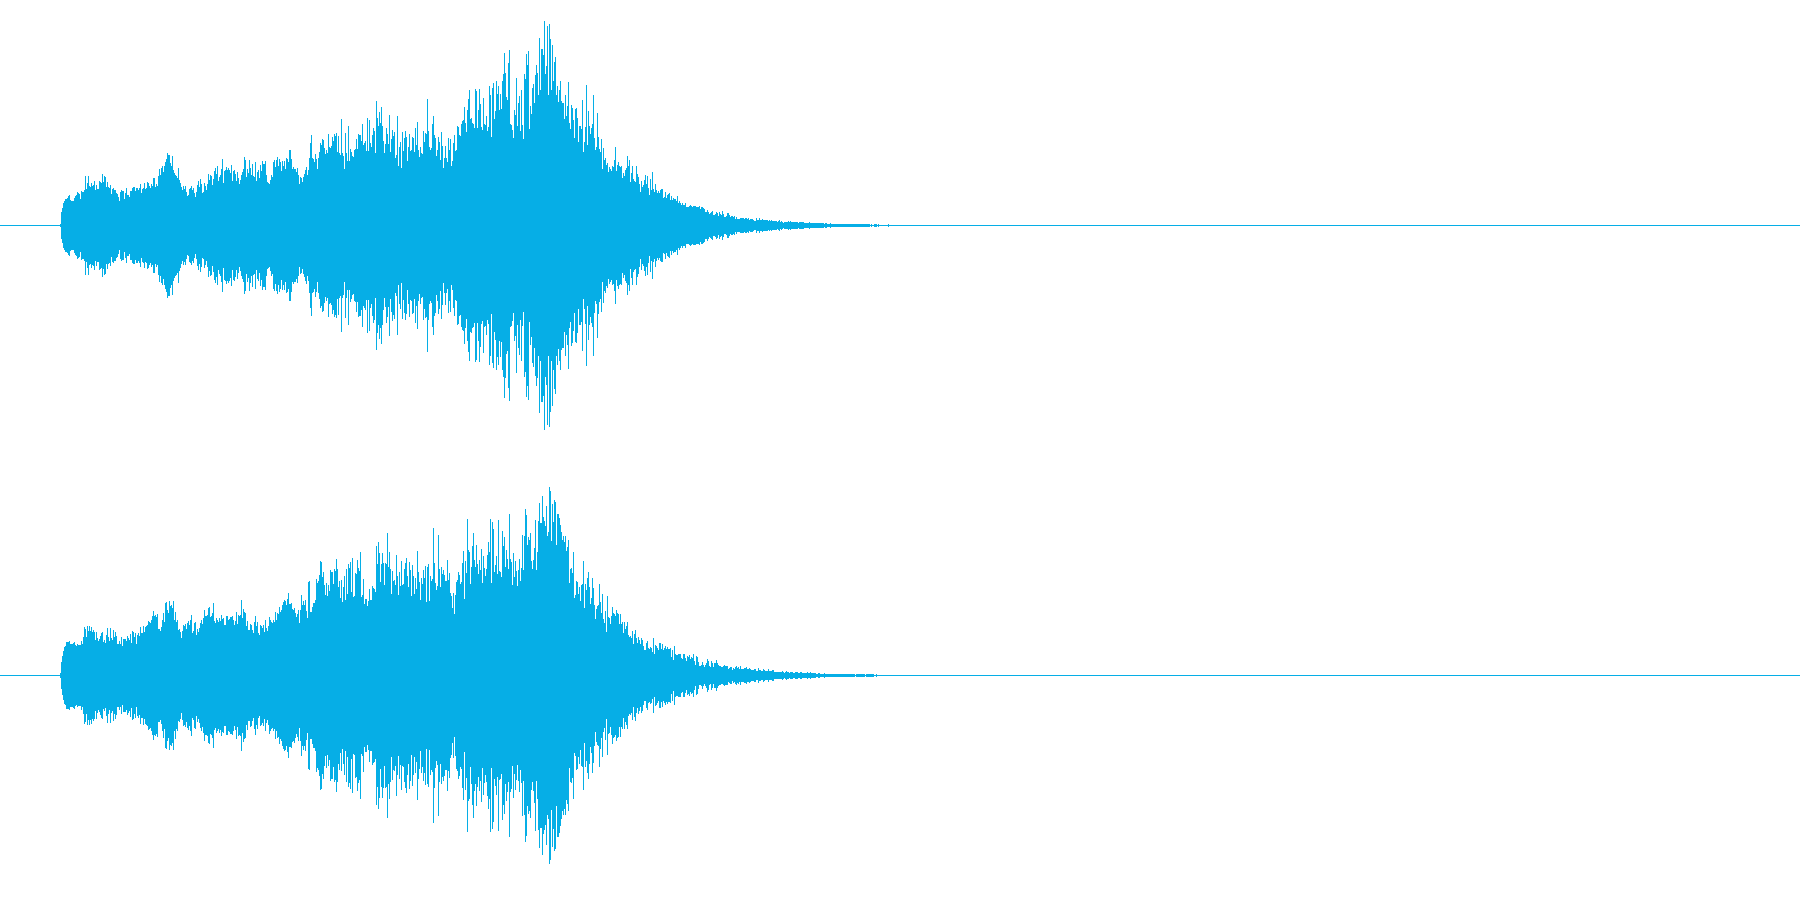 ジングル(CMに入る前)の再生済みの波形